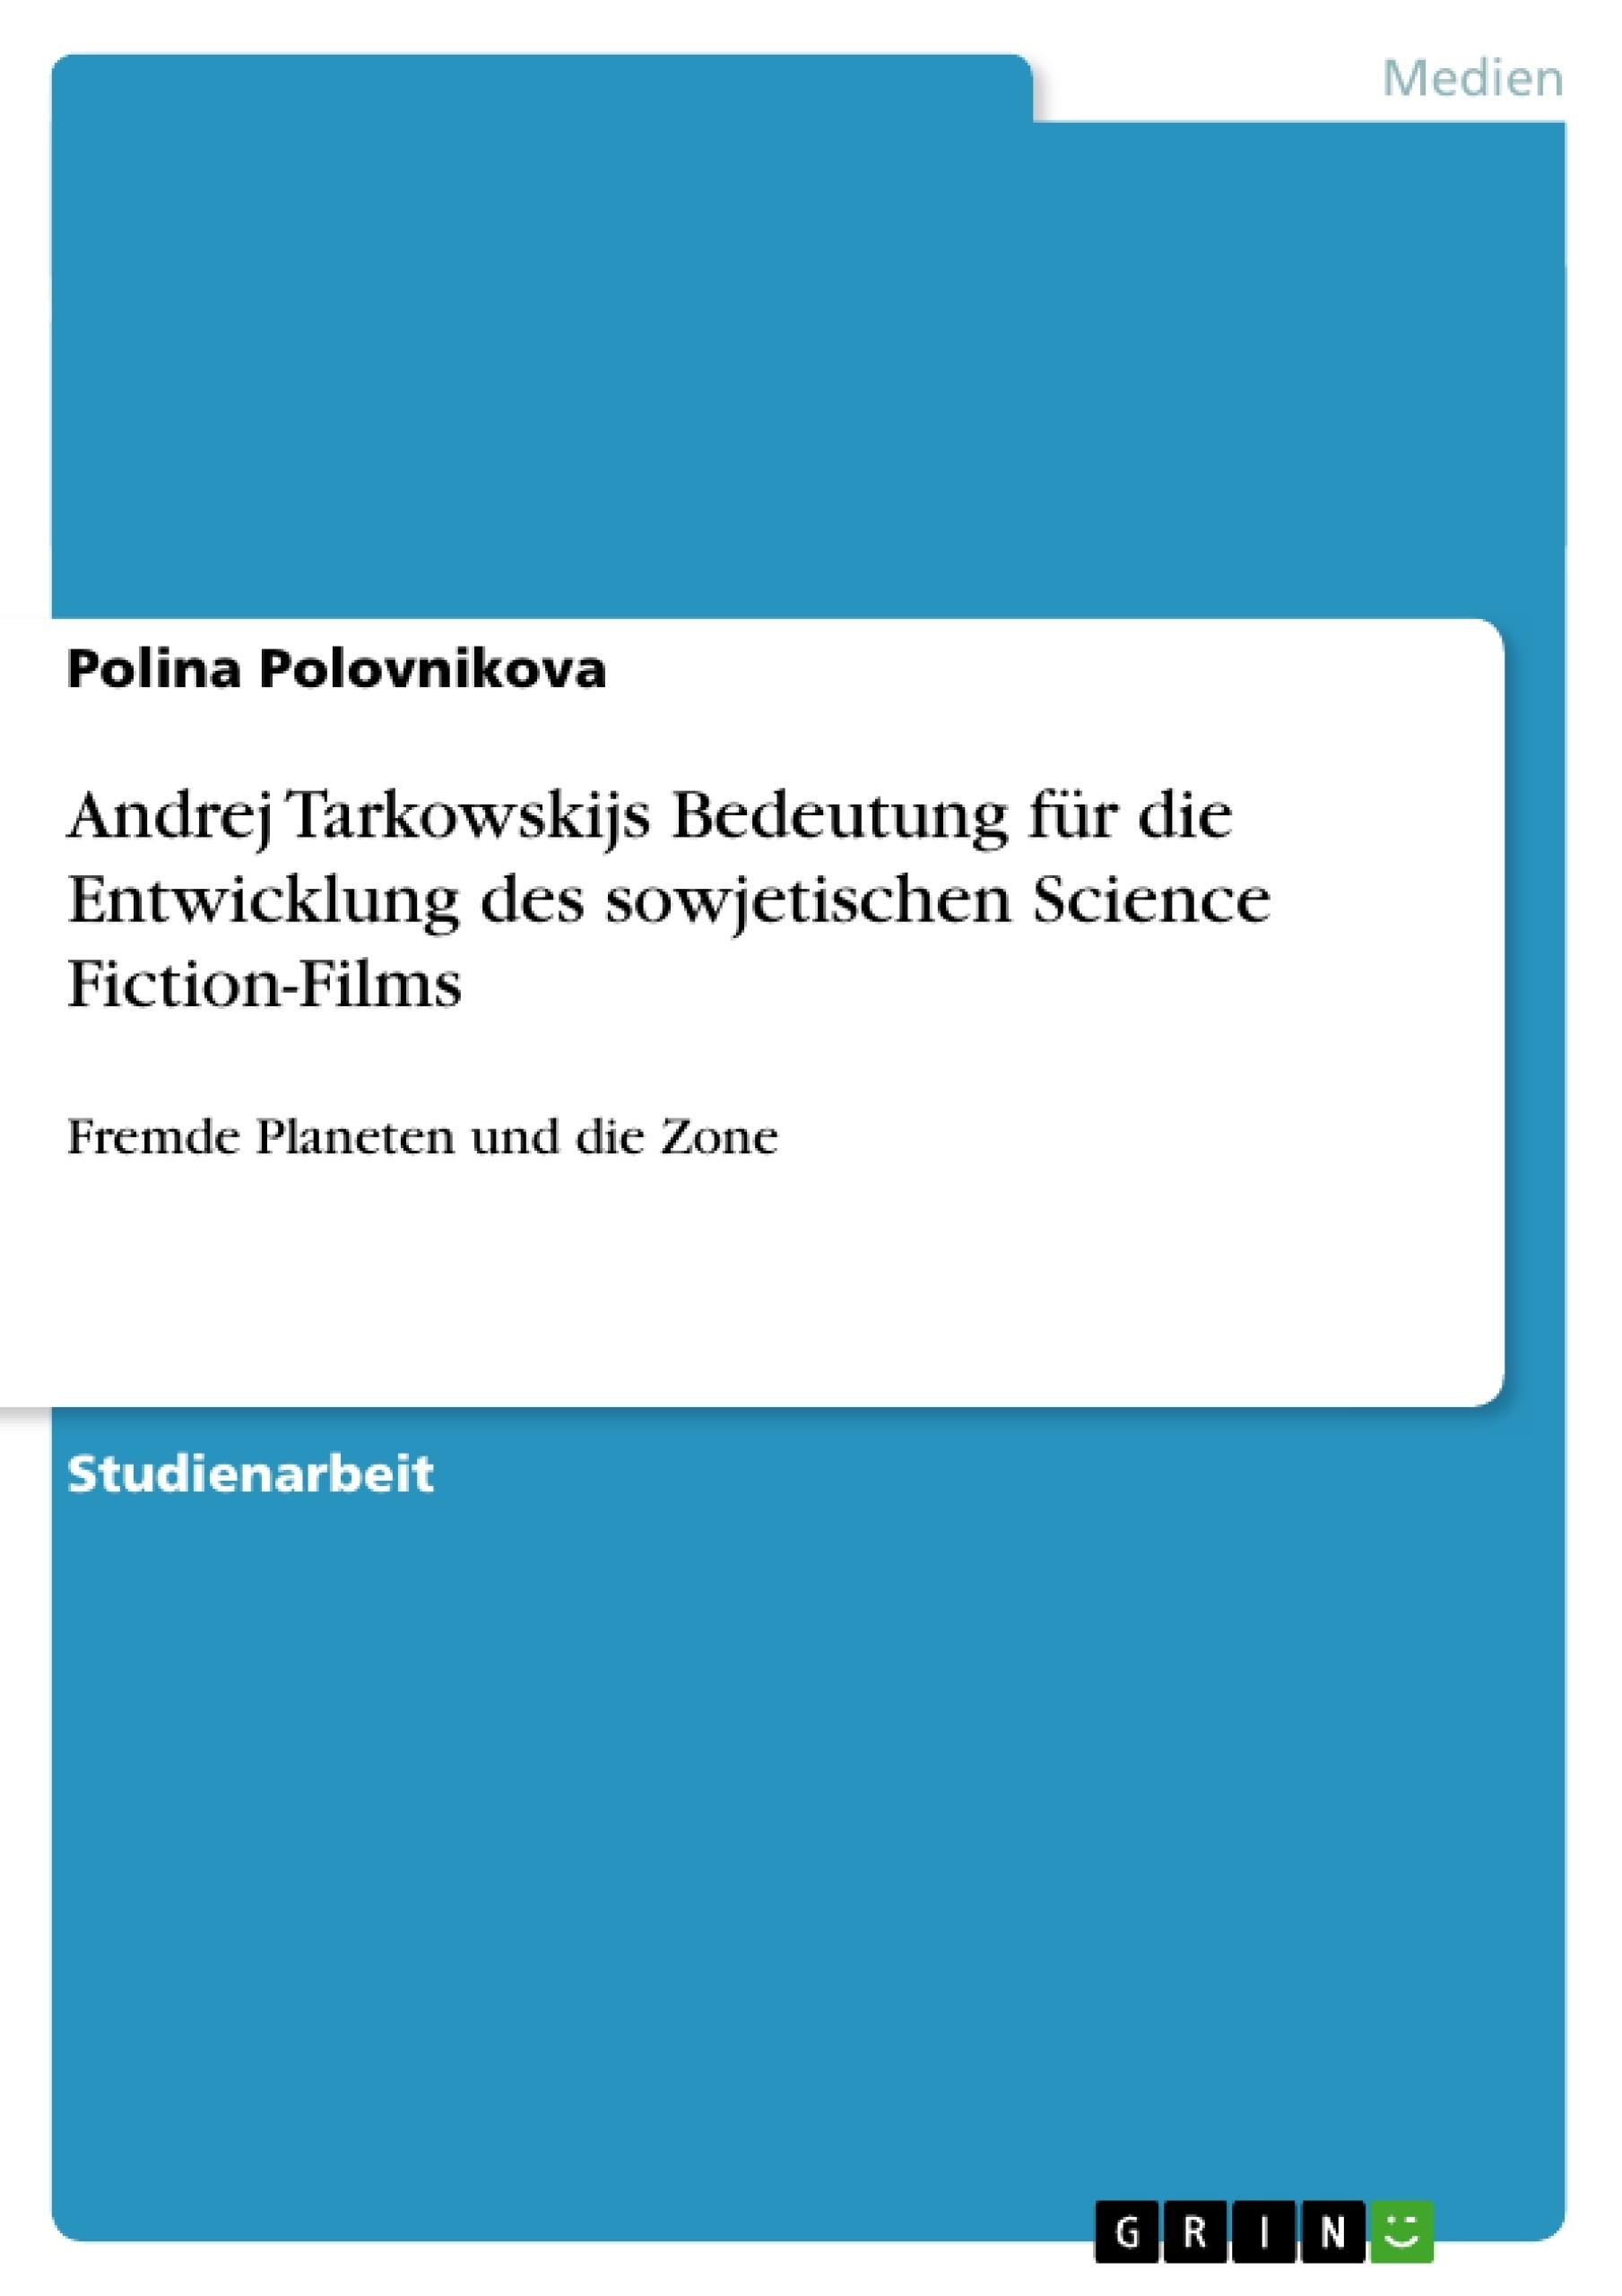 Titel: Andrej Tarkowskijs Bedeutung für die Entwicklung des sowjetischen Science Fiction-Films